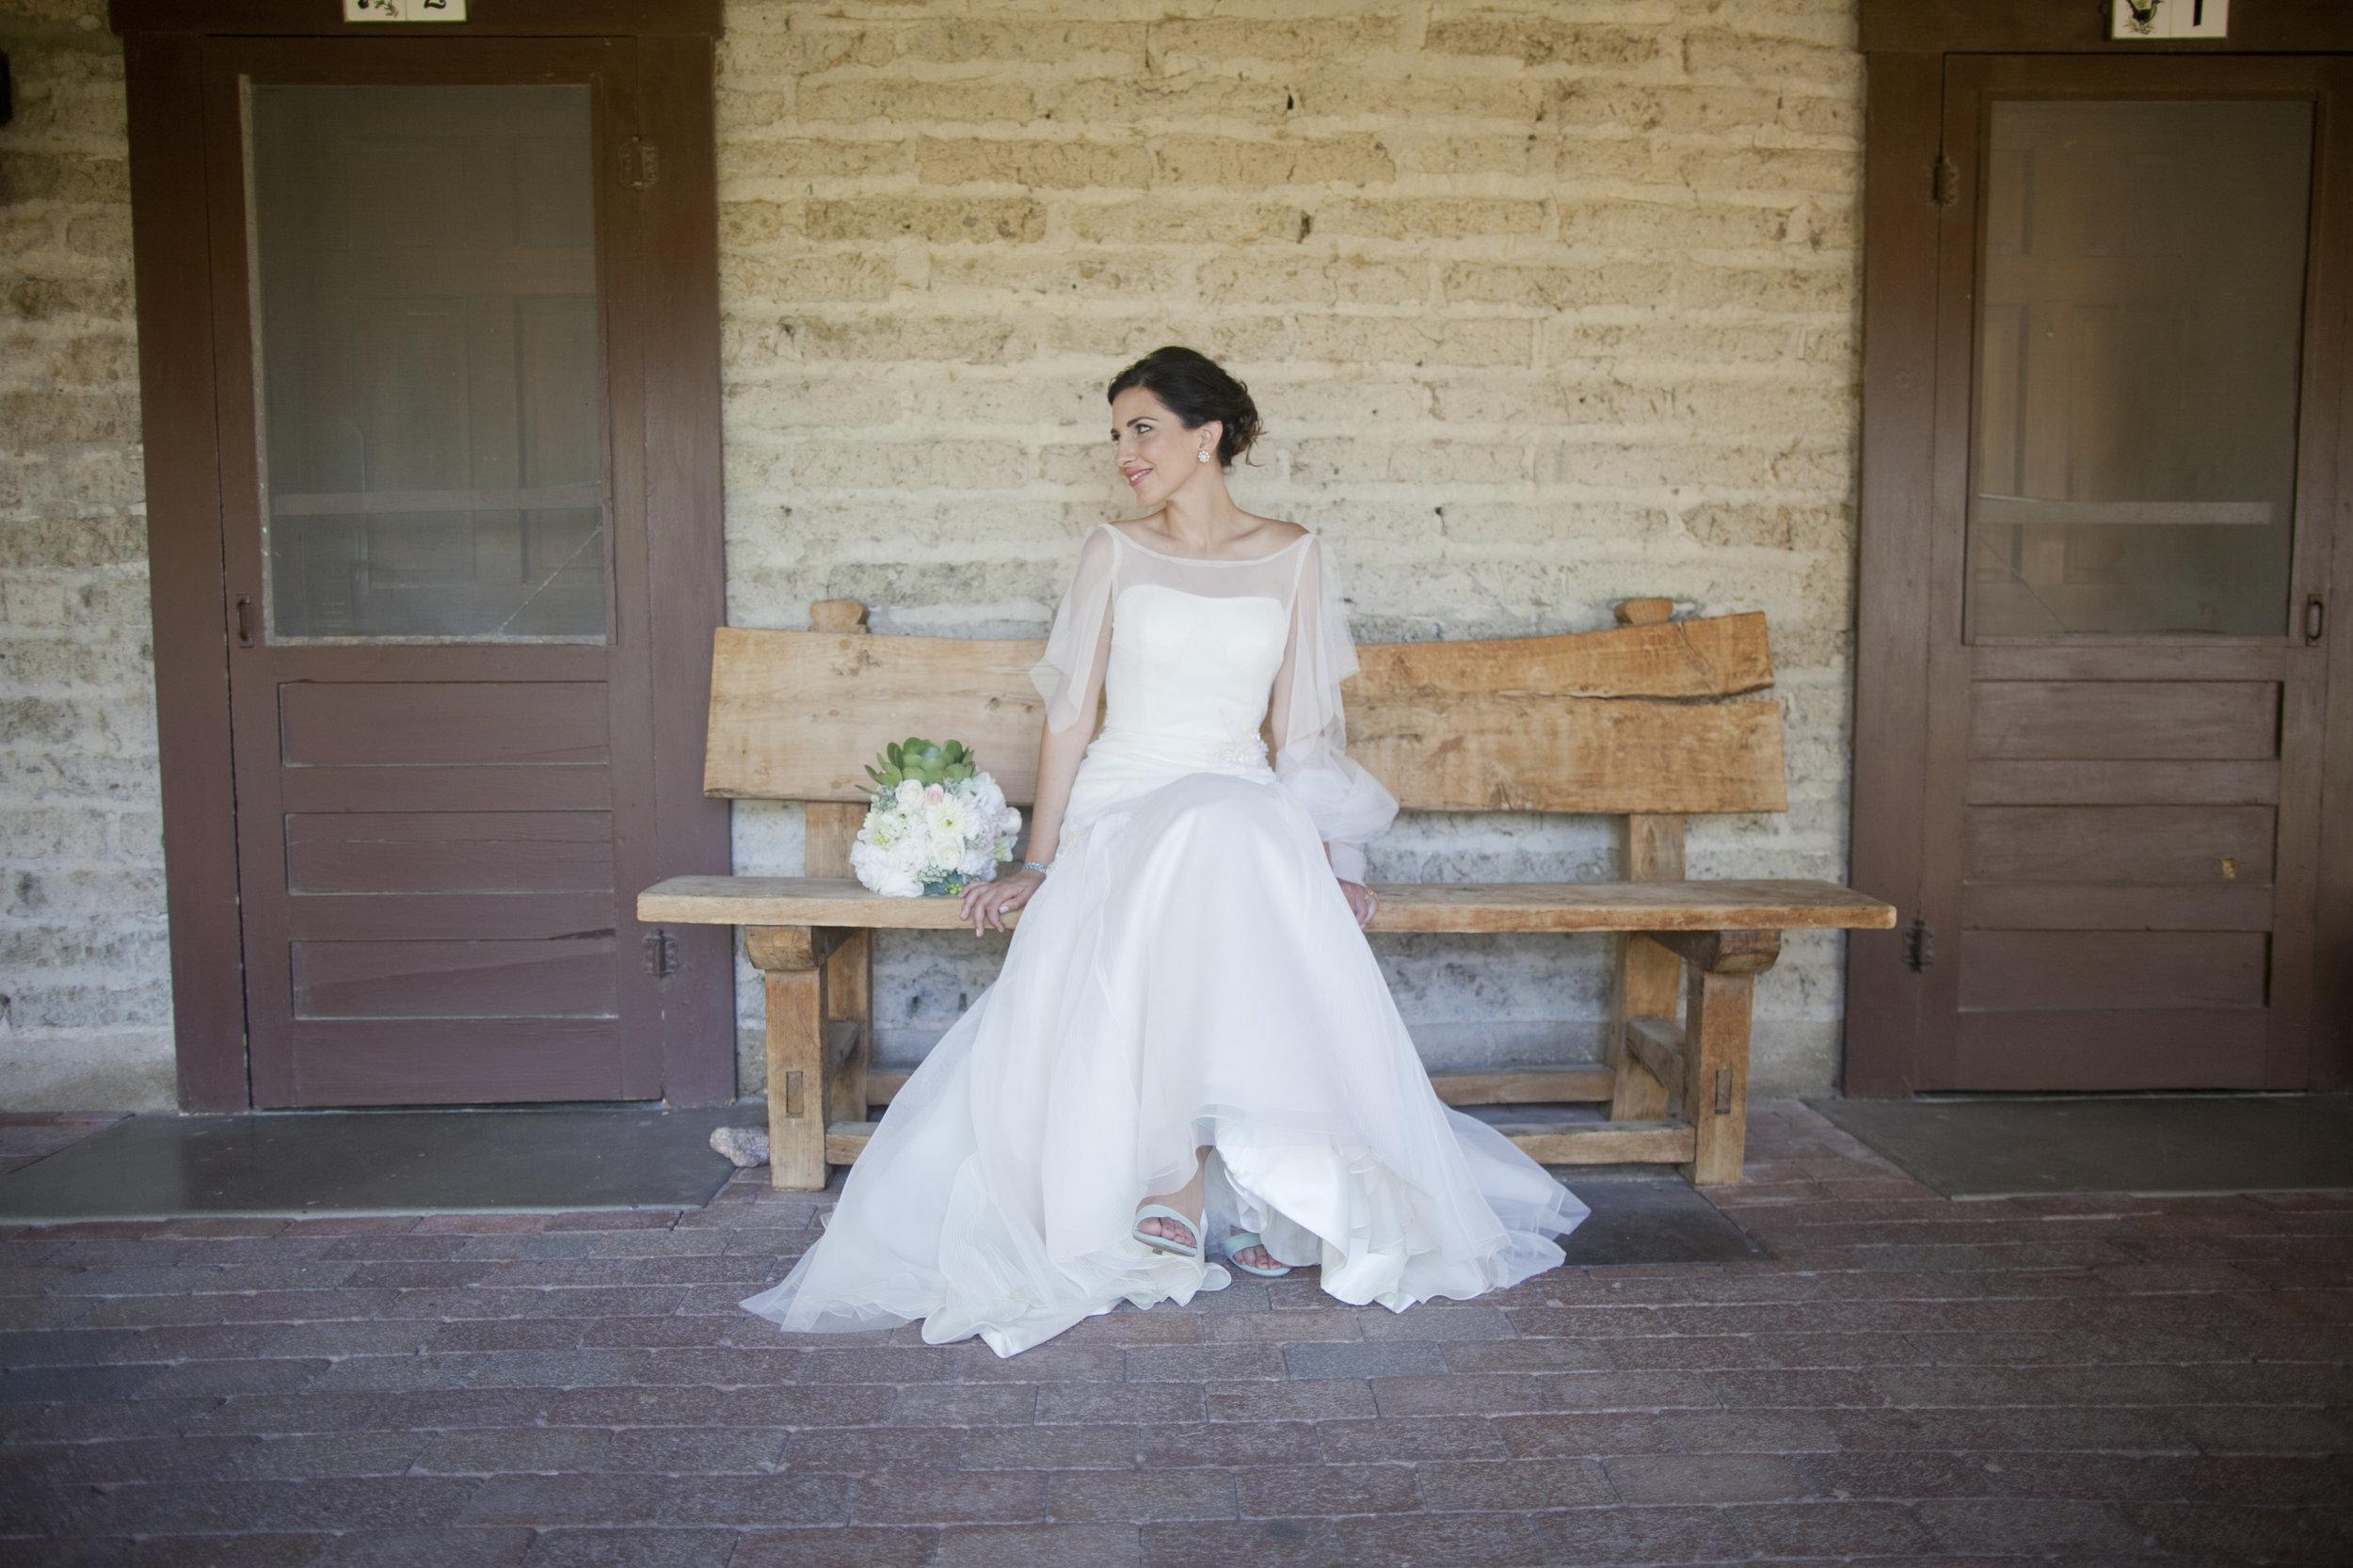 Ceci_New_York_Ceci_Style_Ceci_Johnson_Luxury_Lifestyle_Arizona_Wedding_Watercolor_Inspiration_Design_Custom_Couture_Personalized_Invitations_47.jpg